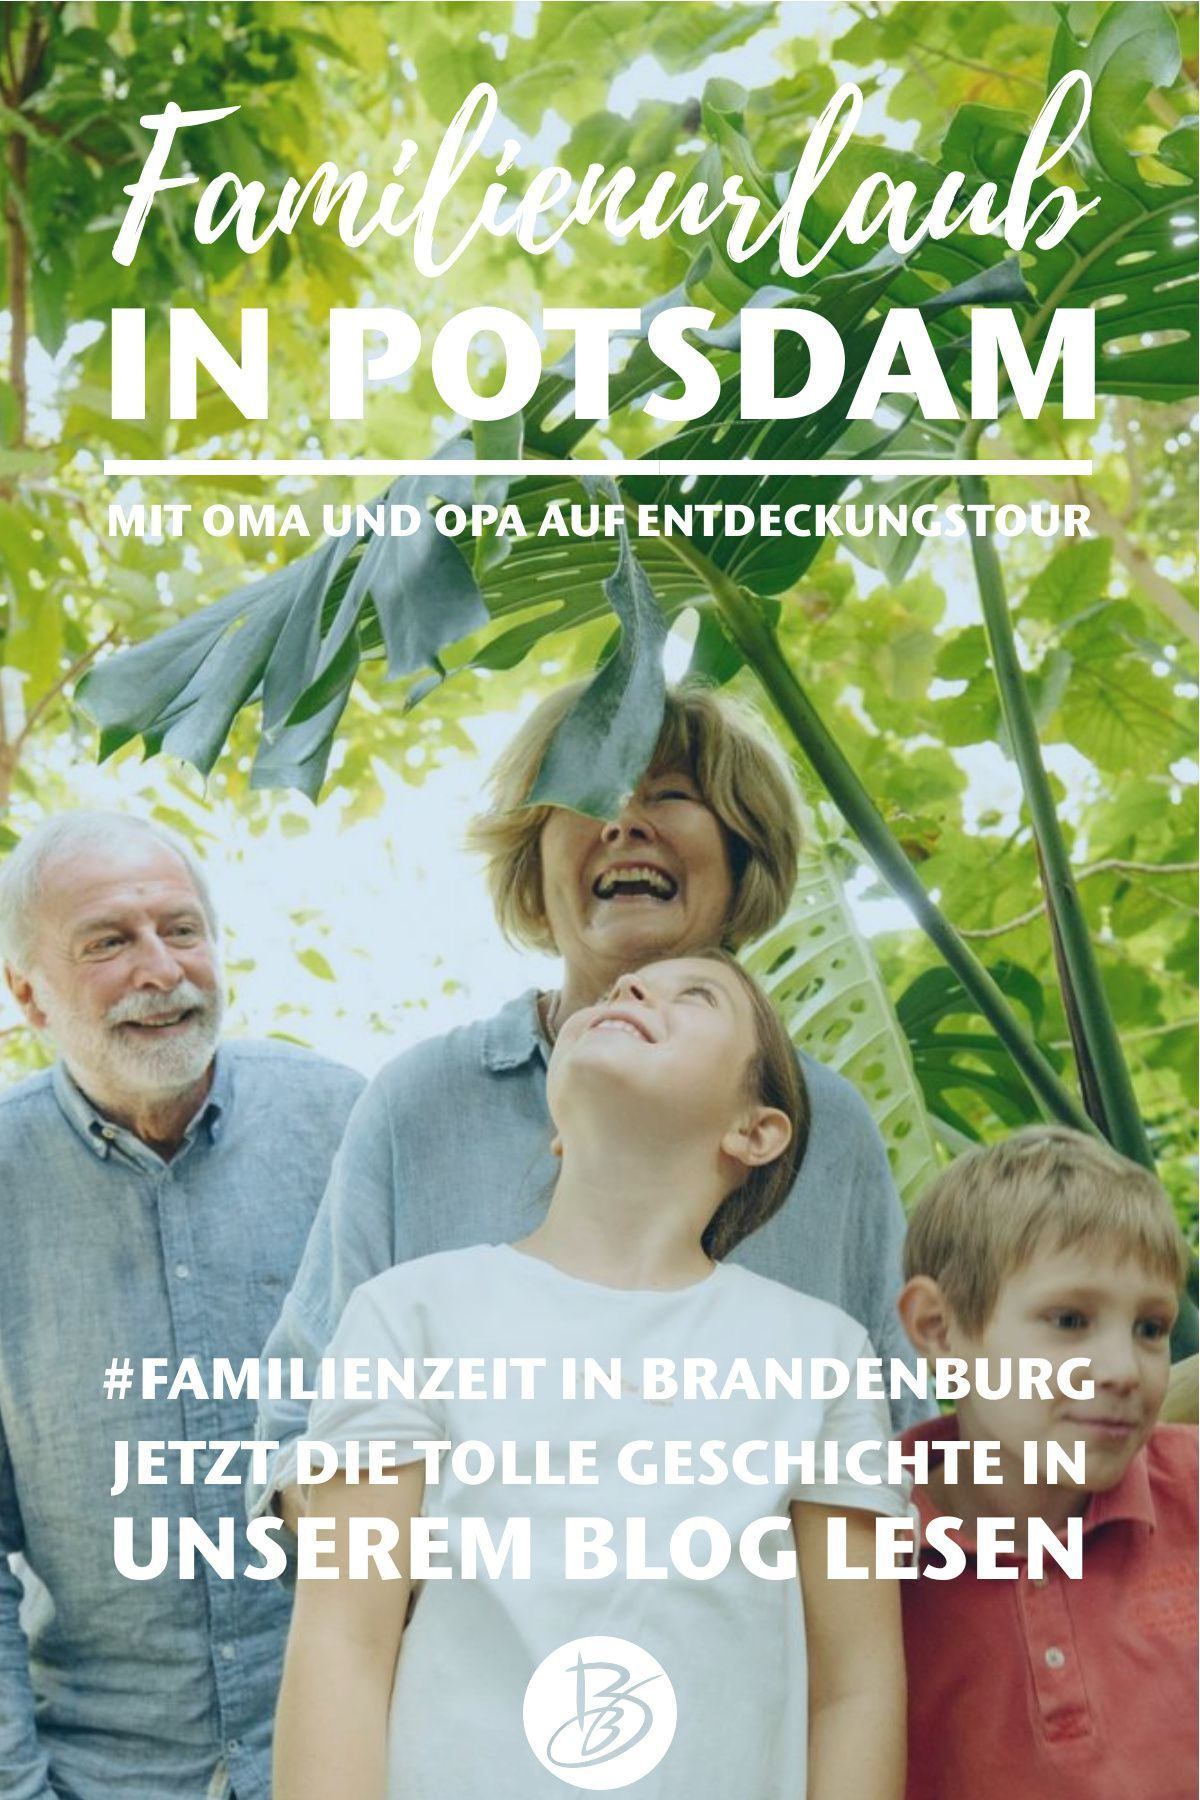 #Familienzeit in Brandenburg: Familienurlaub in Potsdam in ...